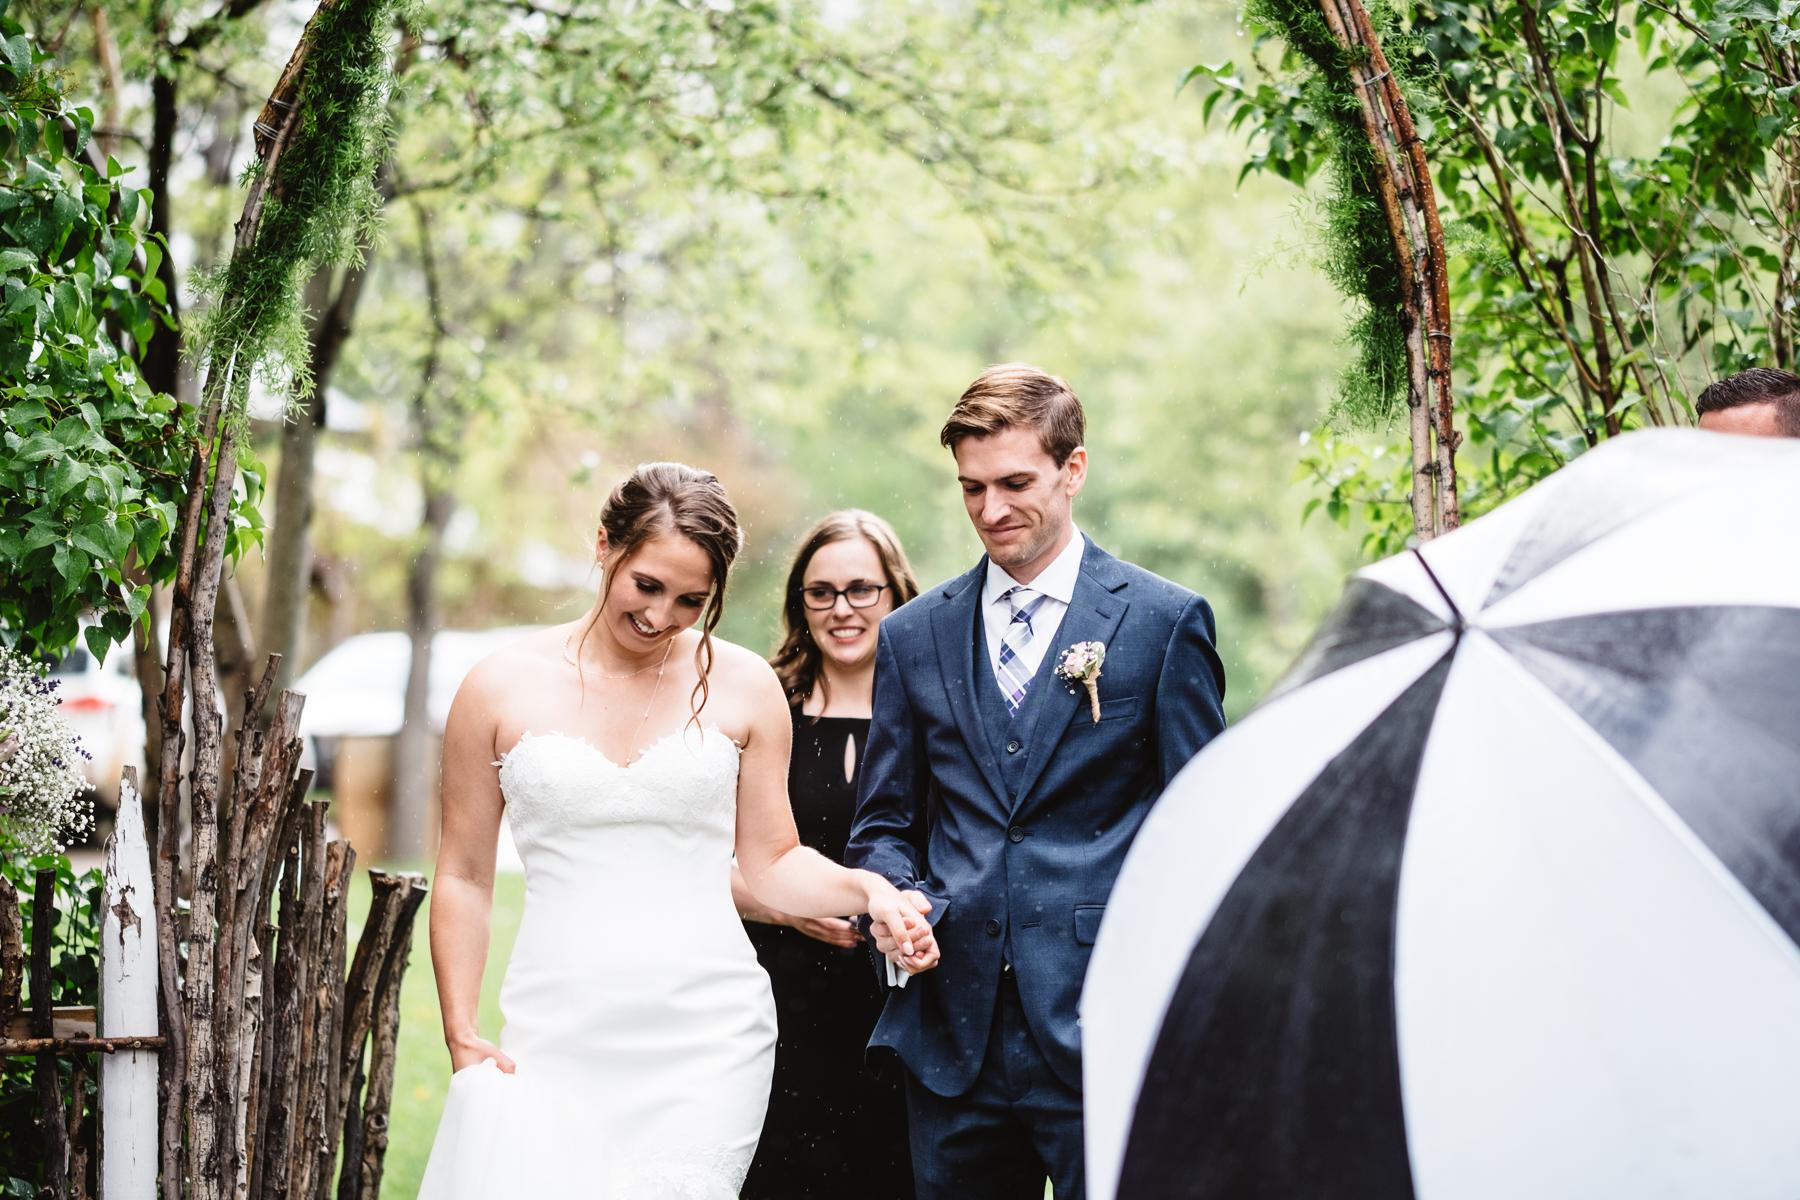 Chelsie+Mike-Lone-Hawk-Farm-Wedding-032.jpg